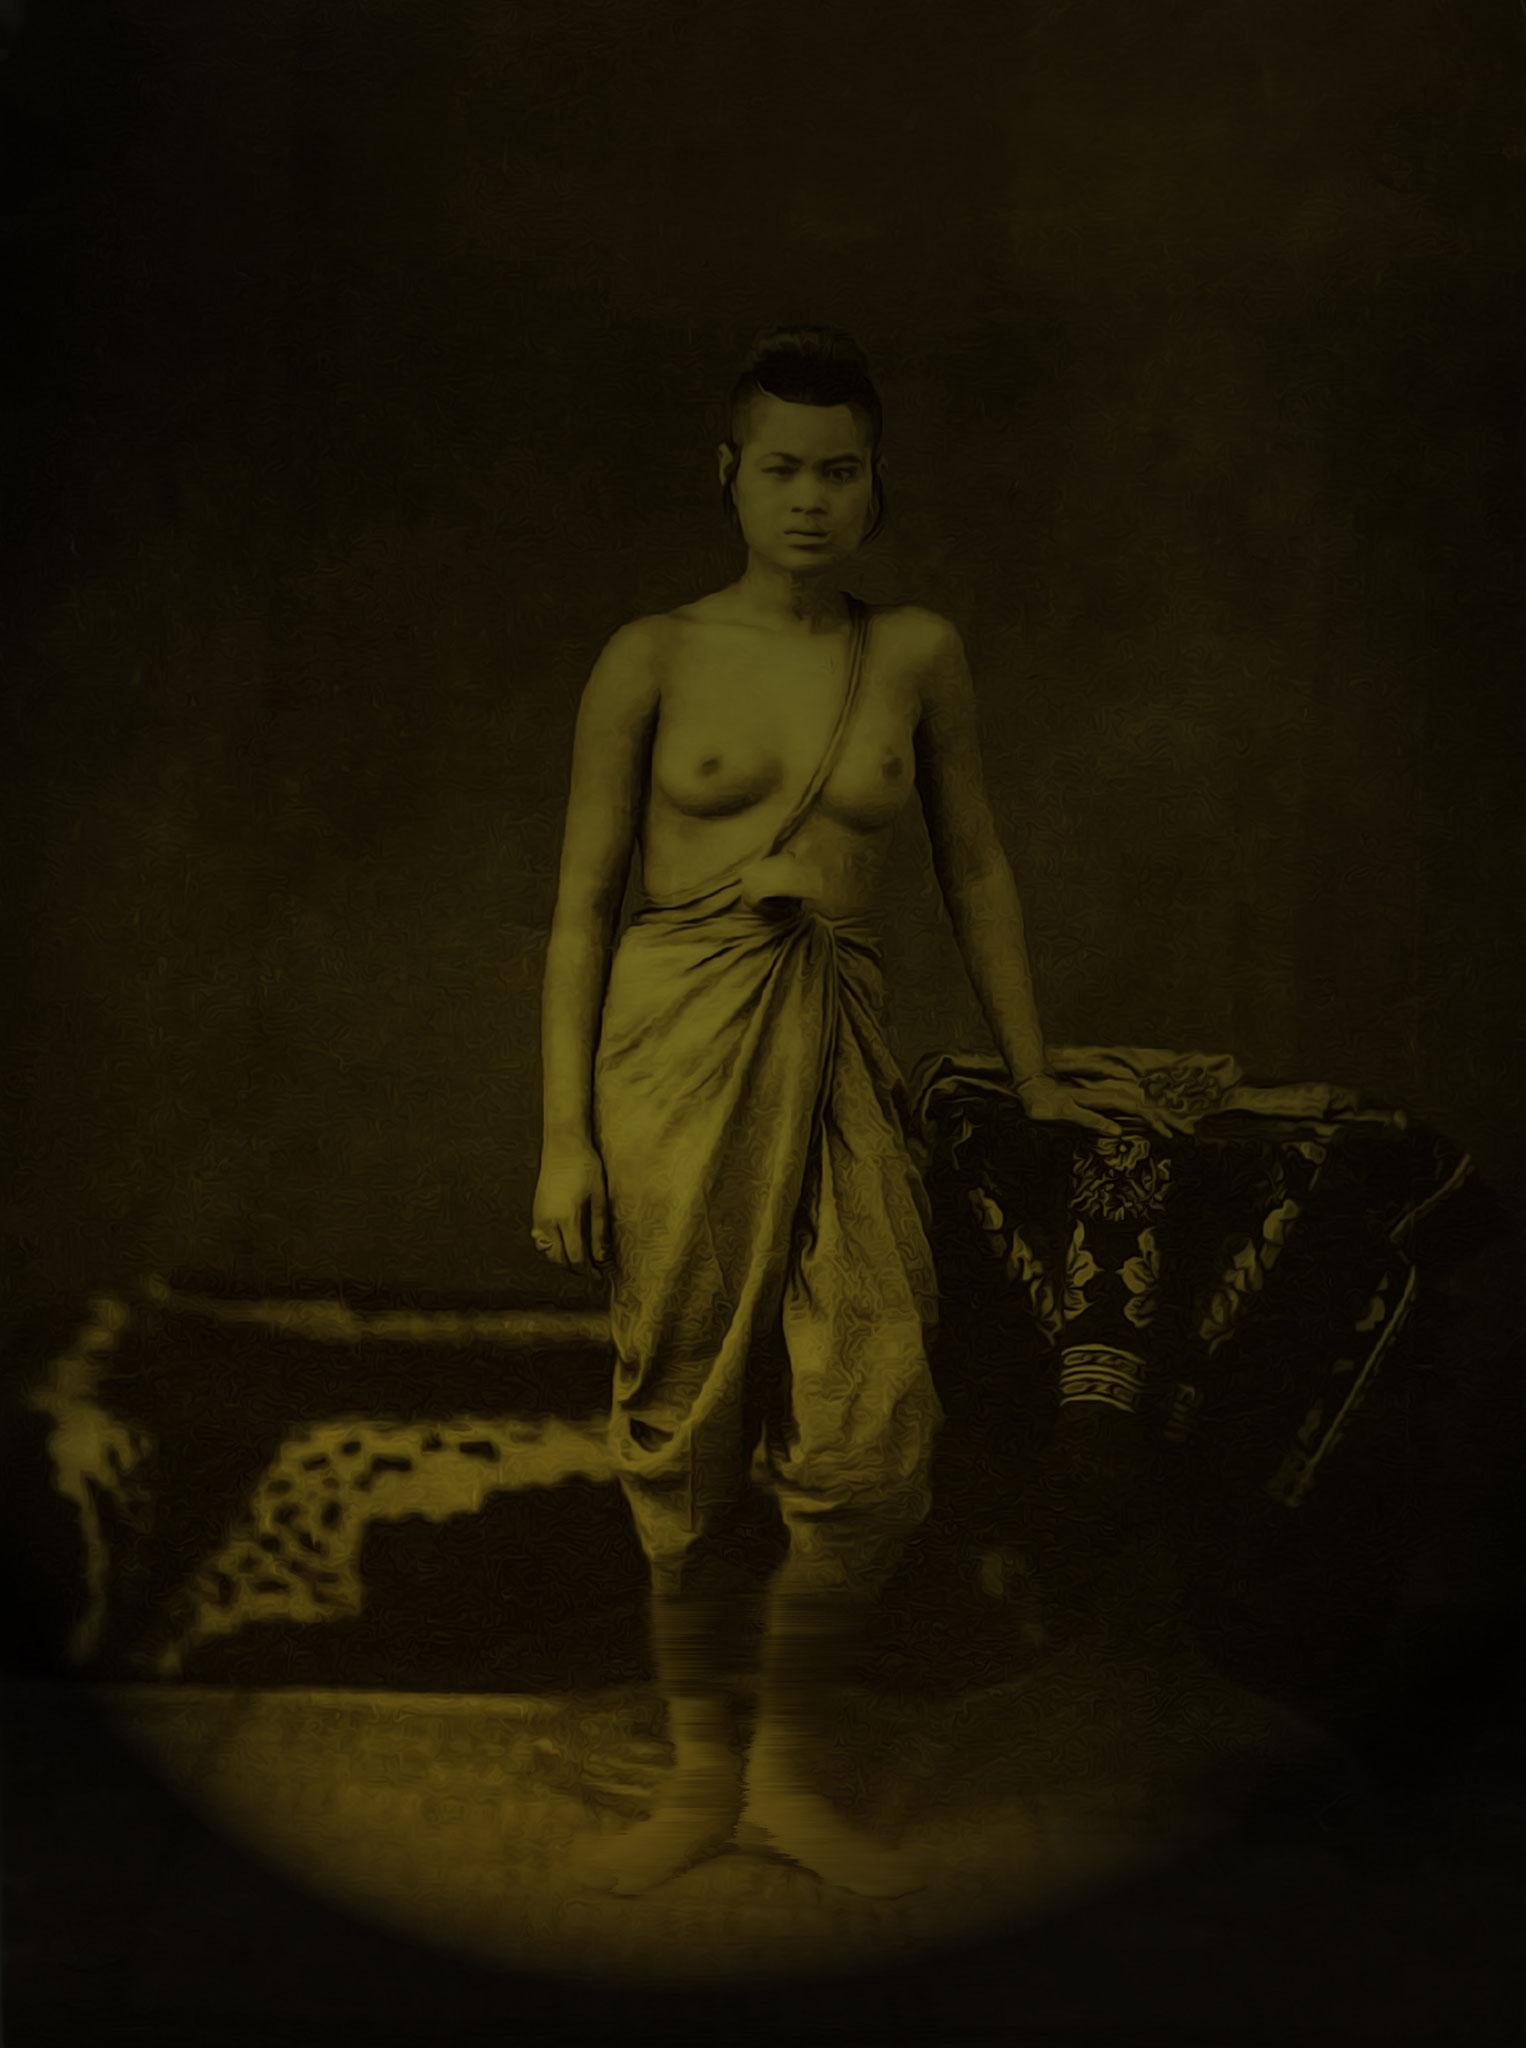 Siamese warrior